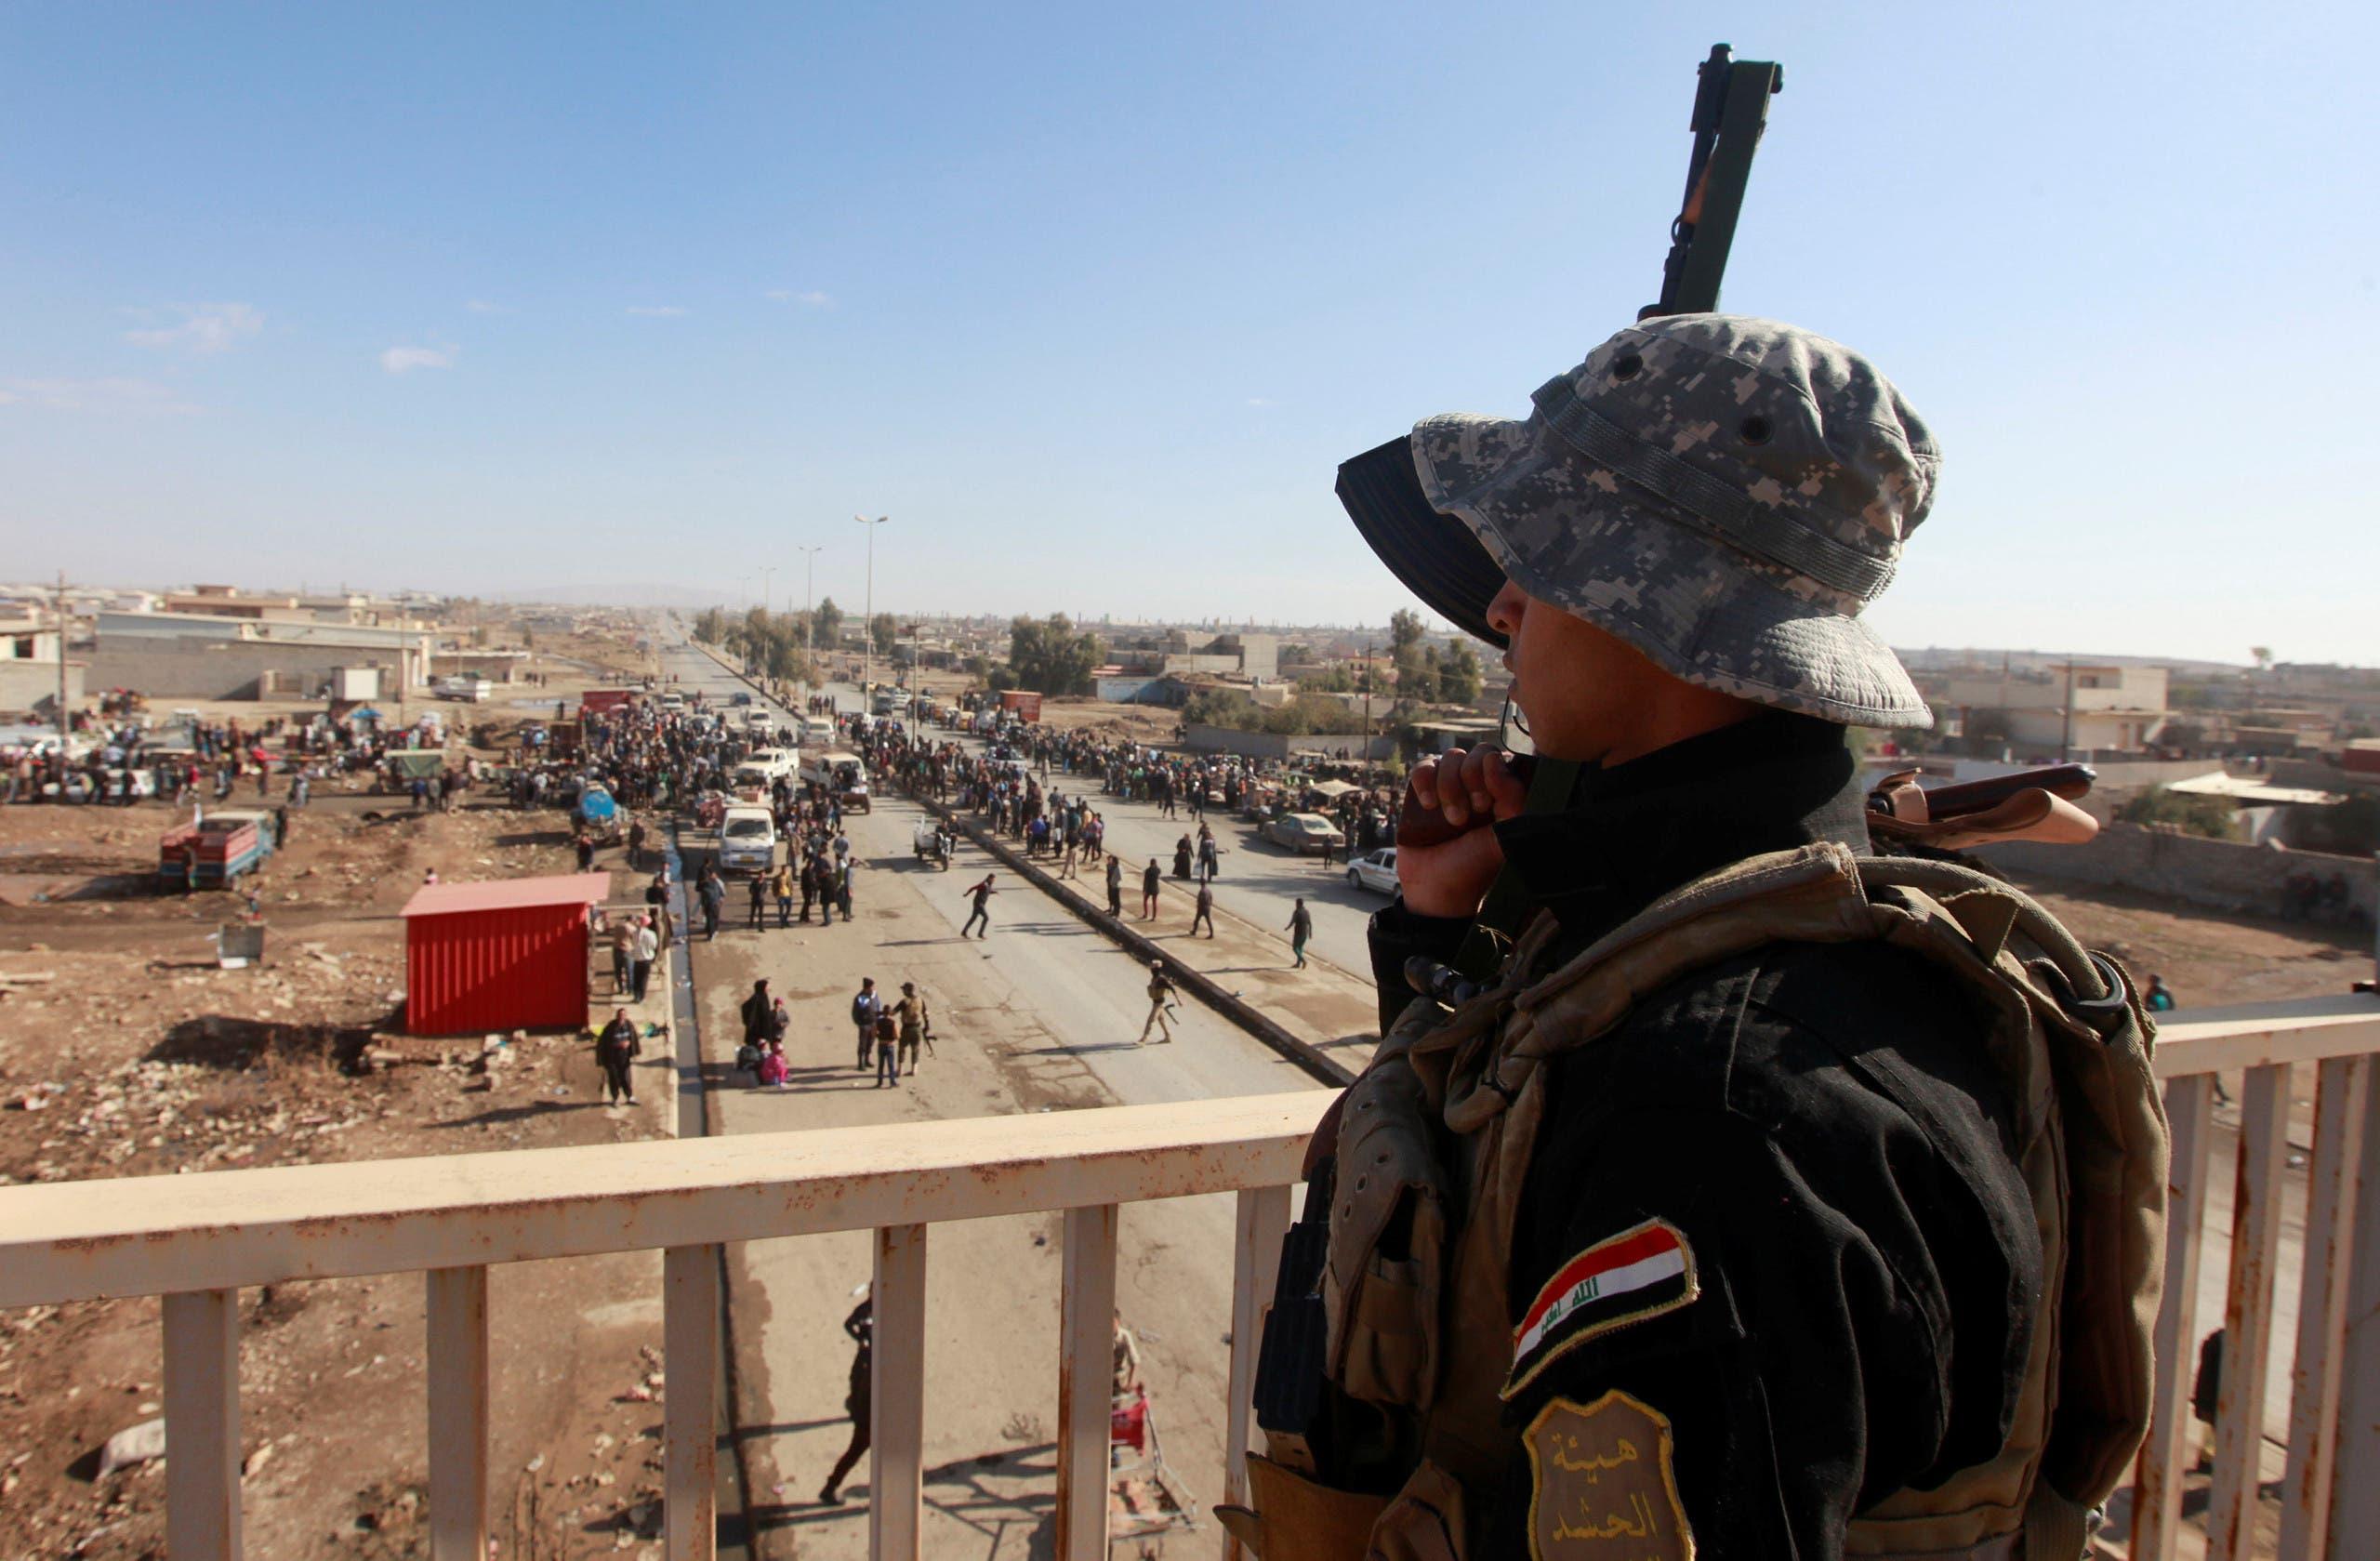 نیروهای سازمان مبارزه با تروریسم عراق در شرق موصل